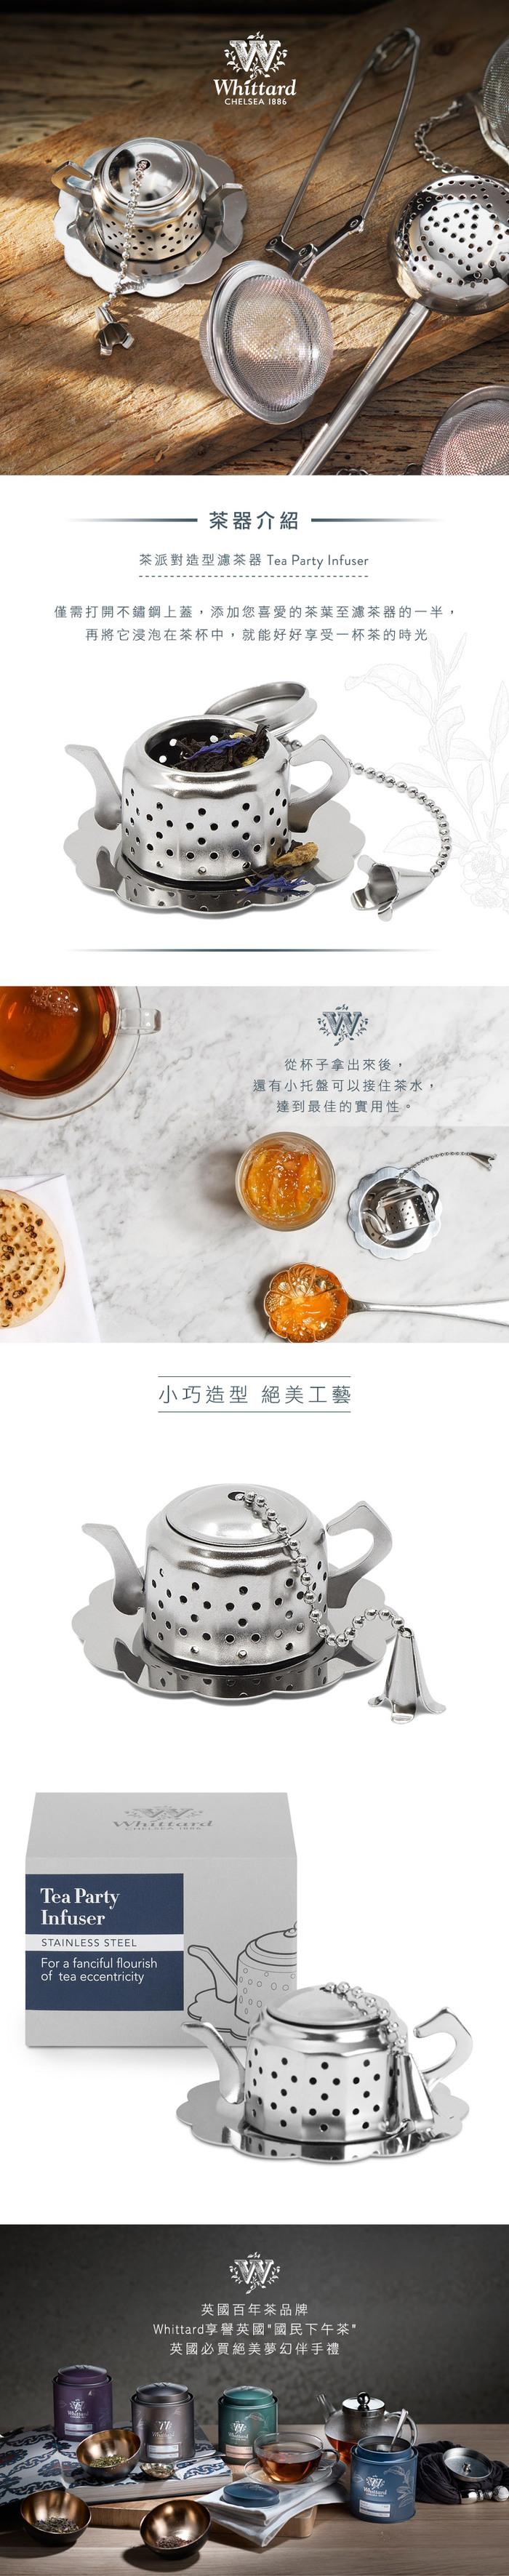 (複製)Whittard | PAO系列茶壺-綠